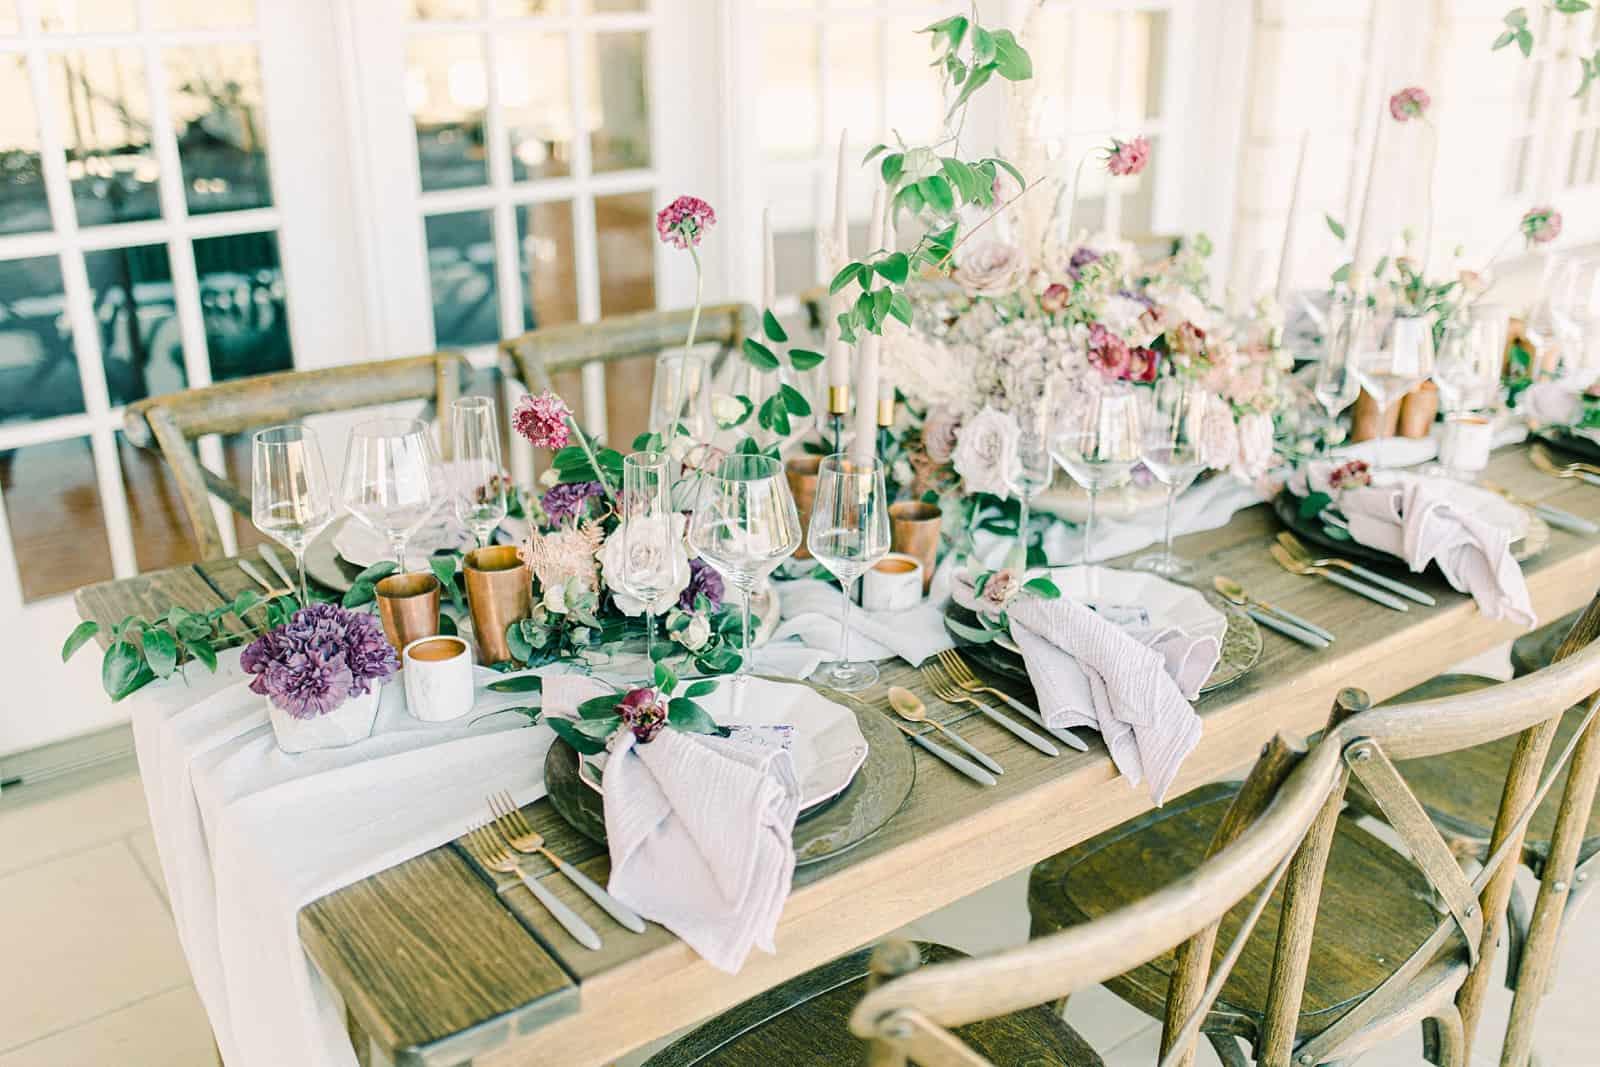 Garden nature inspired wedding table, reception decor